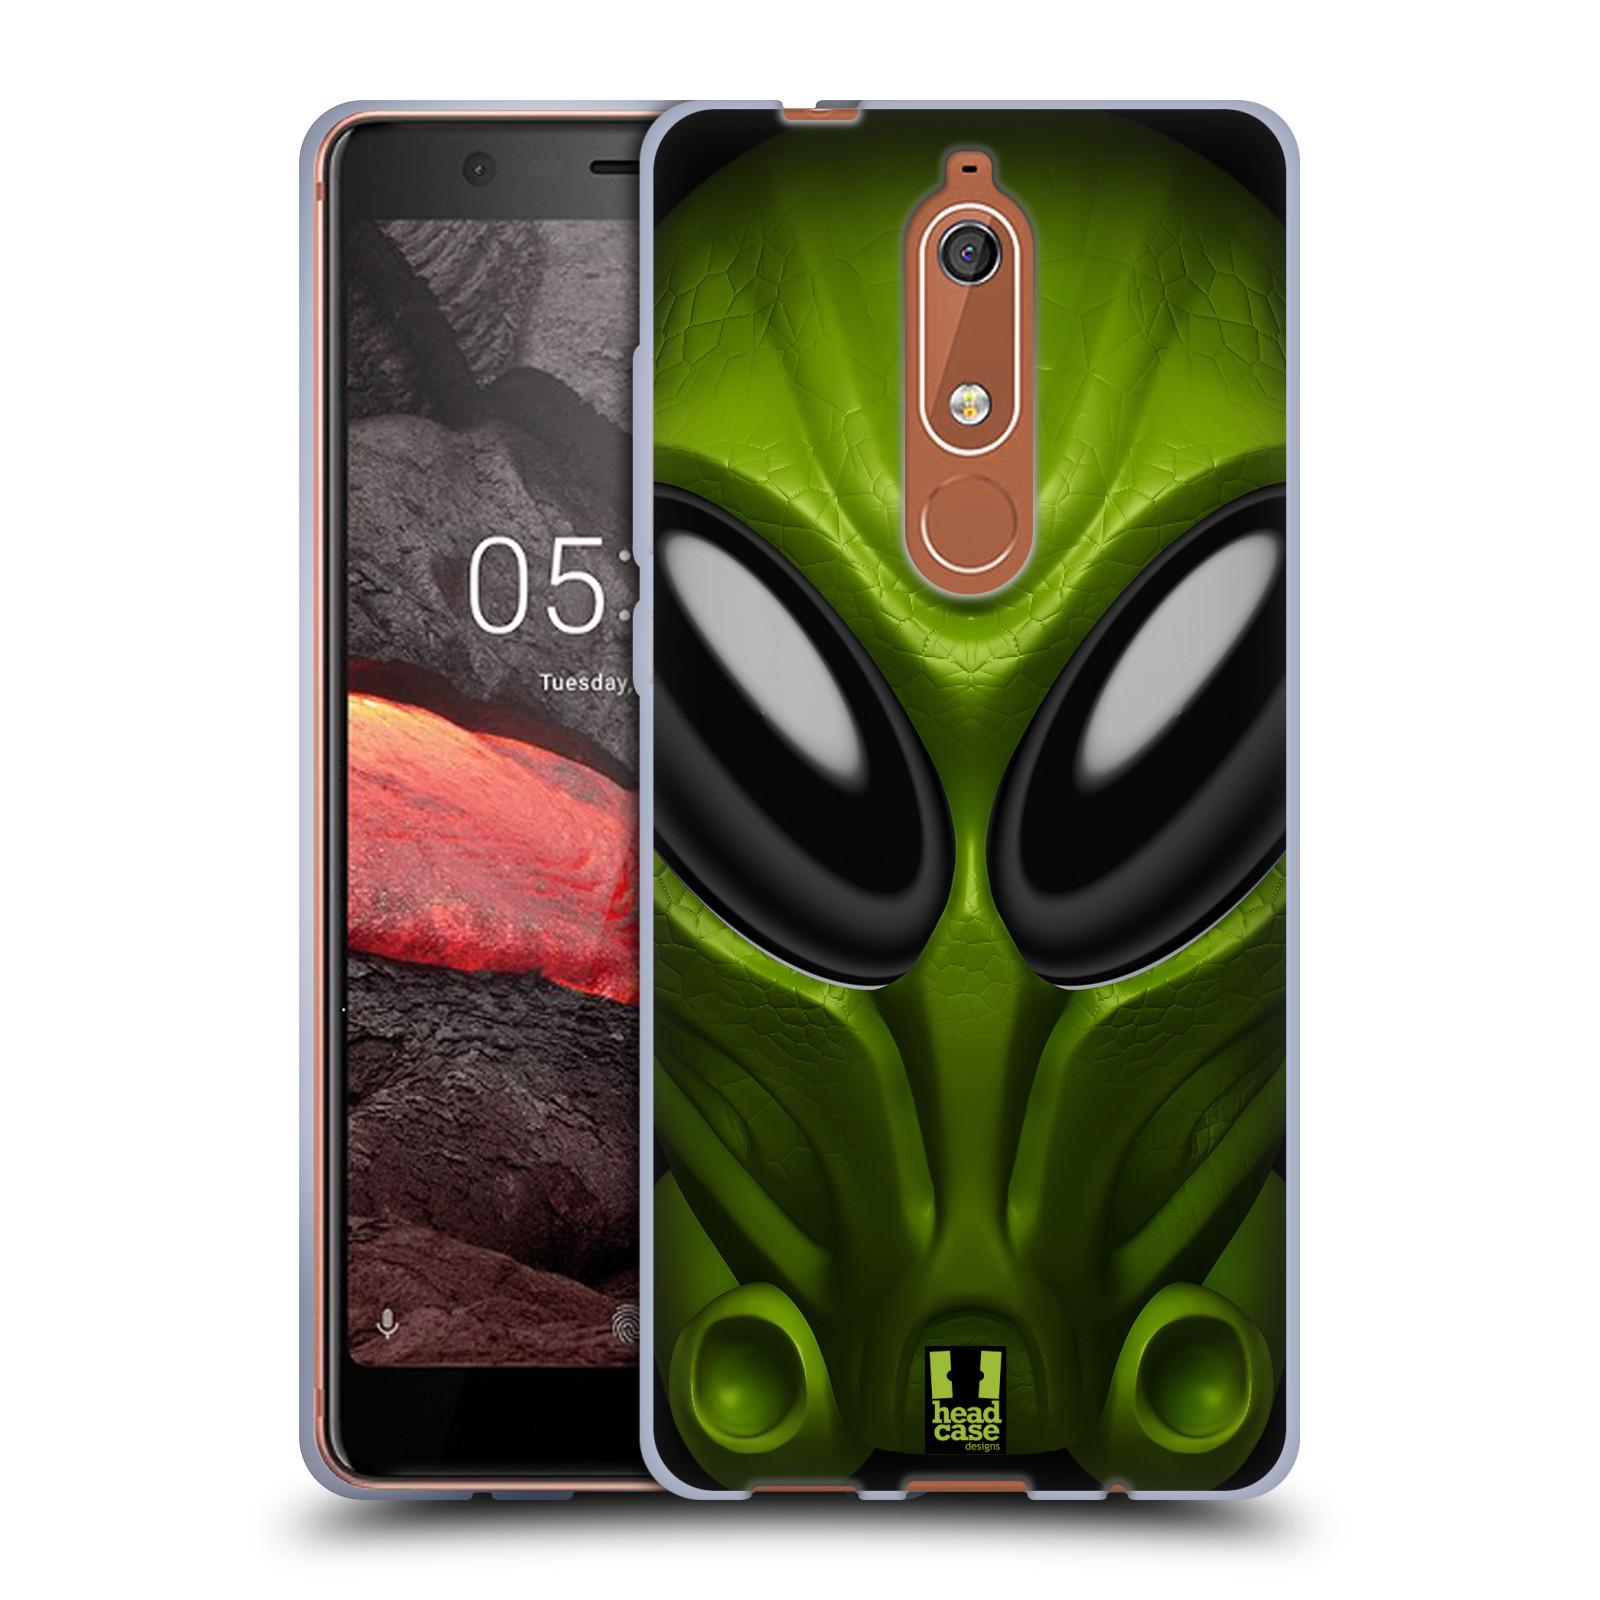 Silikonové pouzdro na mobil Nokia 5.1 - Head Case - Ufoun Mastermind